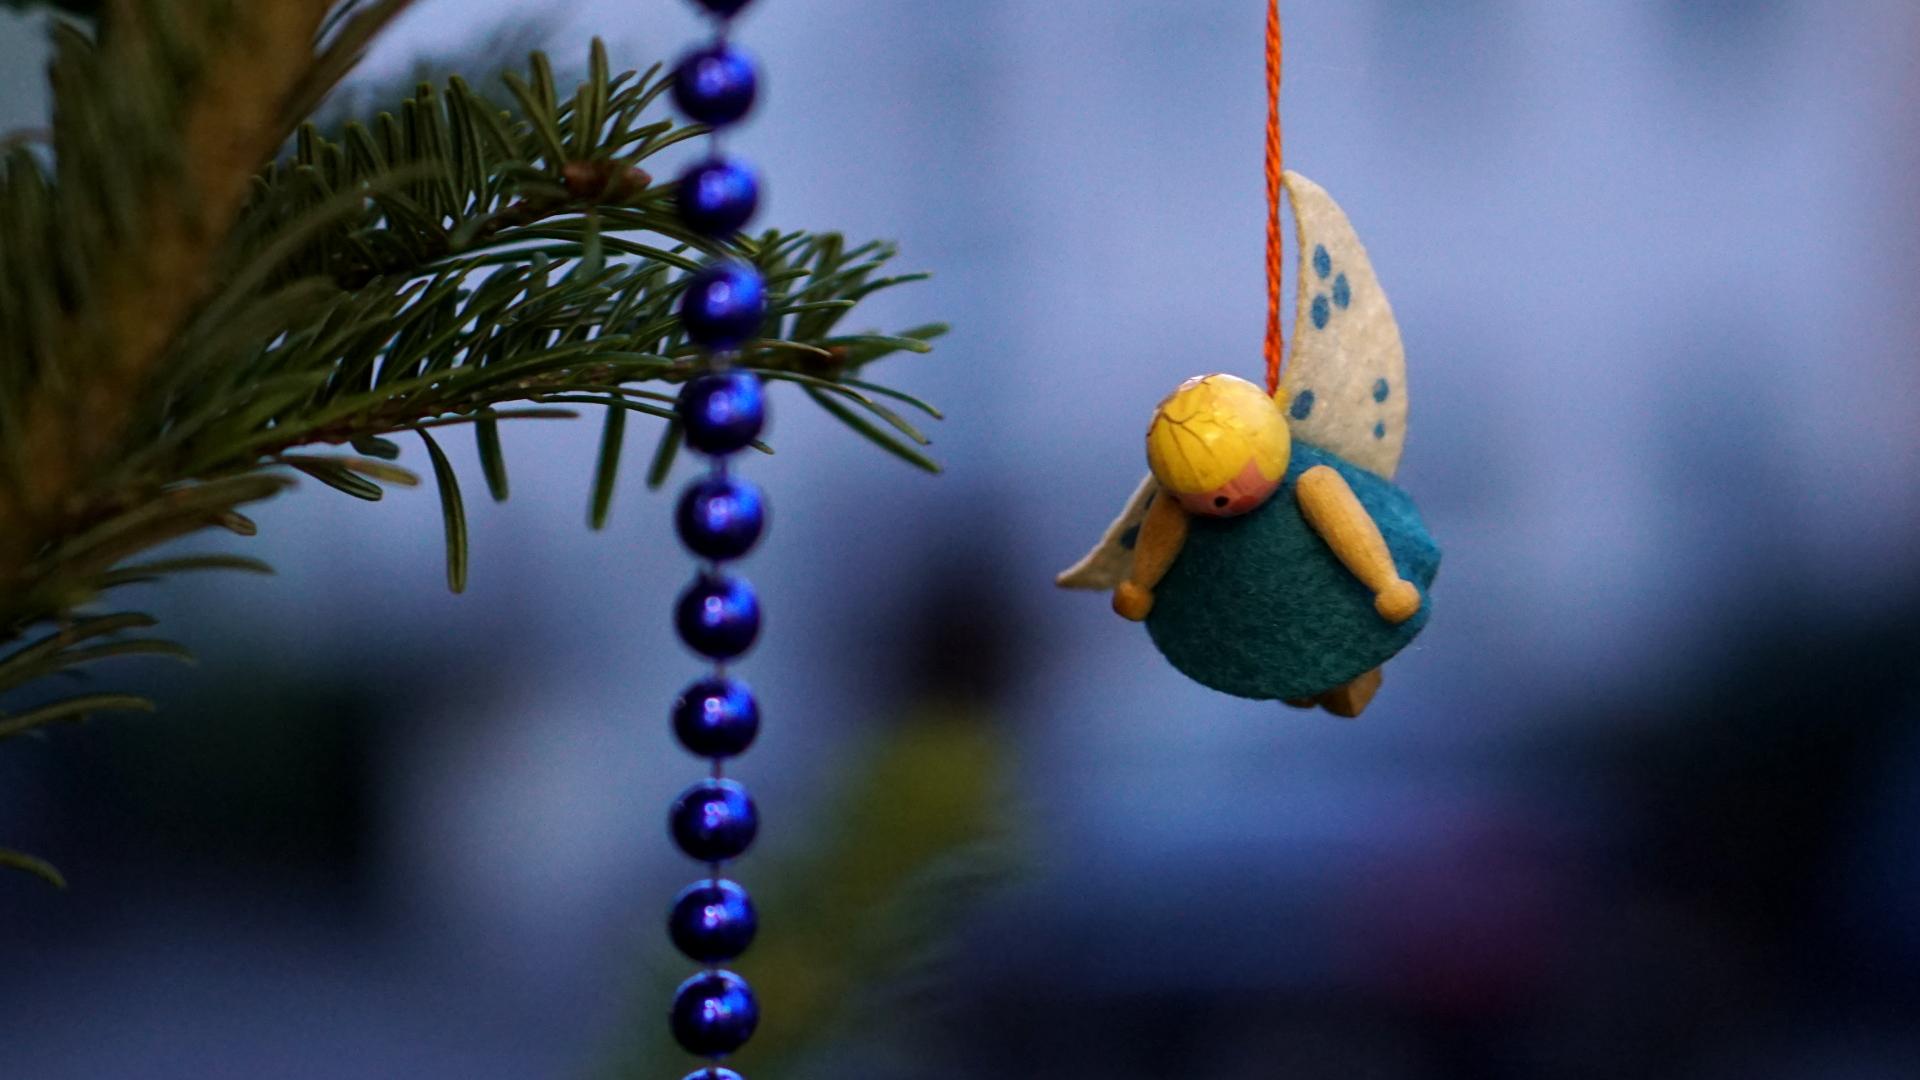 Engel am Christbaum hängend — Weihnachten 2017